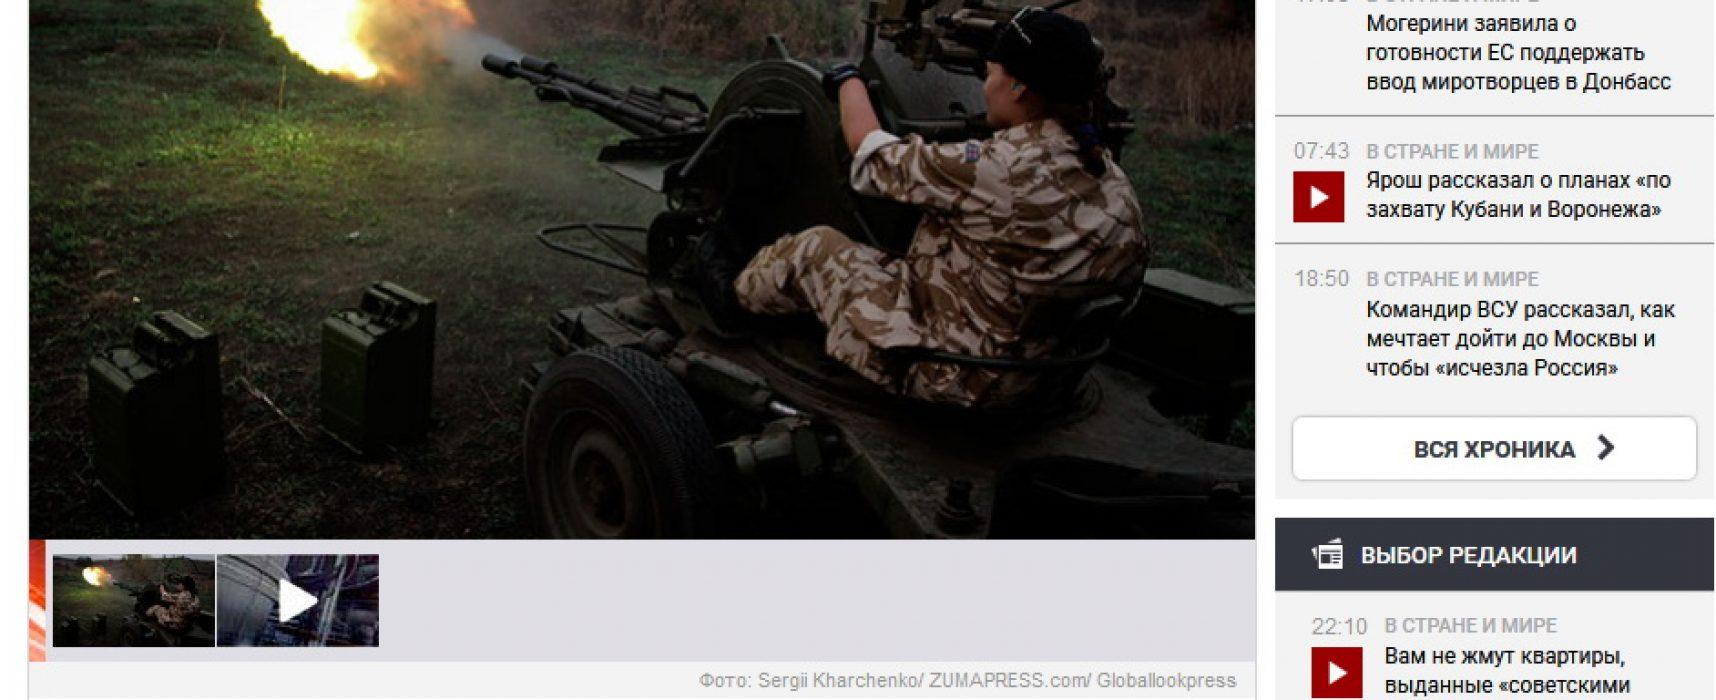 """Телеканал """"Звезда"""" вновь пугает """"Зачисткой Донбасса"""""""